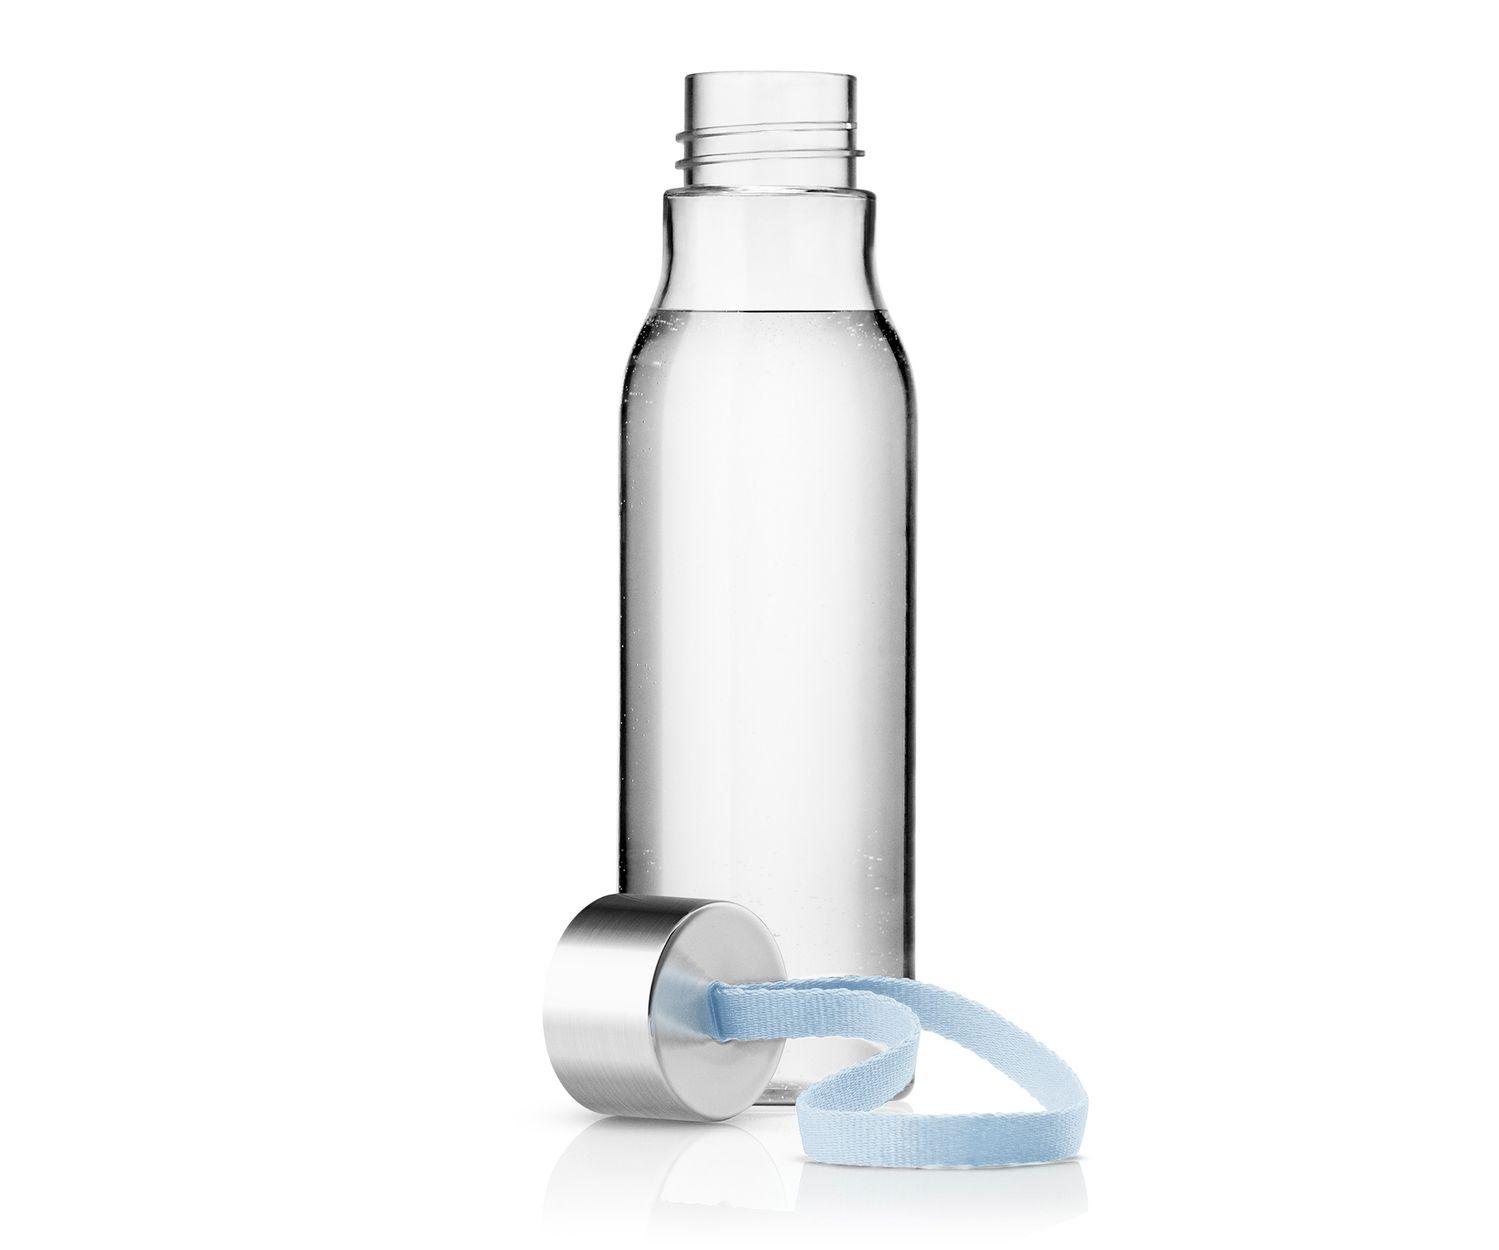 Eva Solo Trinkflasche Soft blue 0,5 l – Bild 2